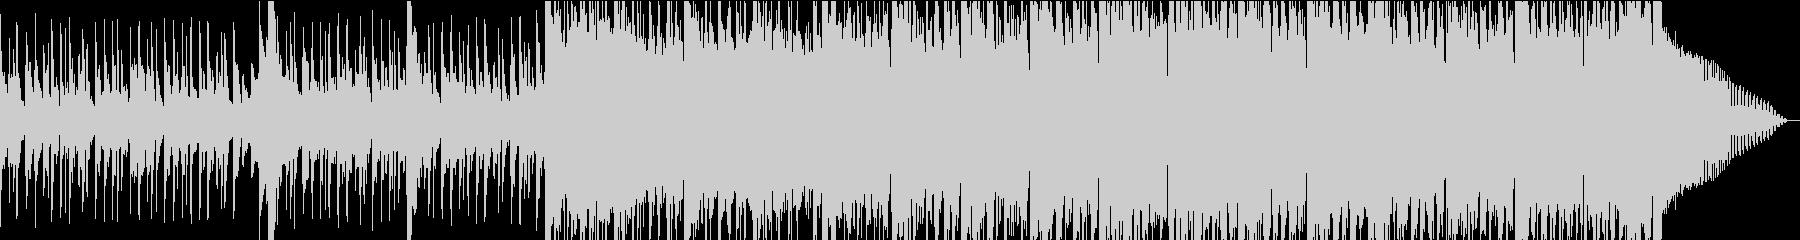 KANT動画用古代的BGMの未再生の波形